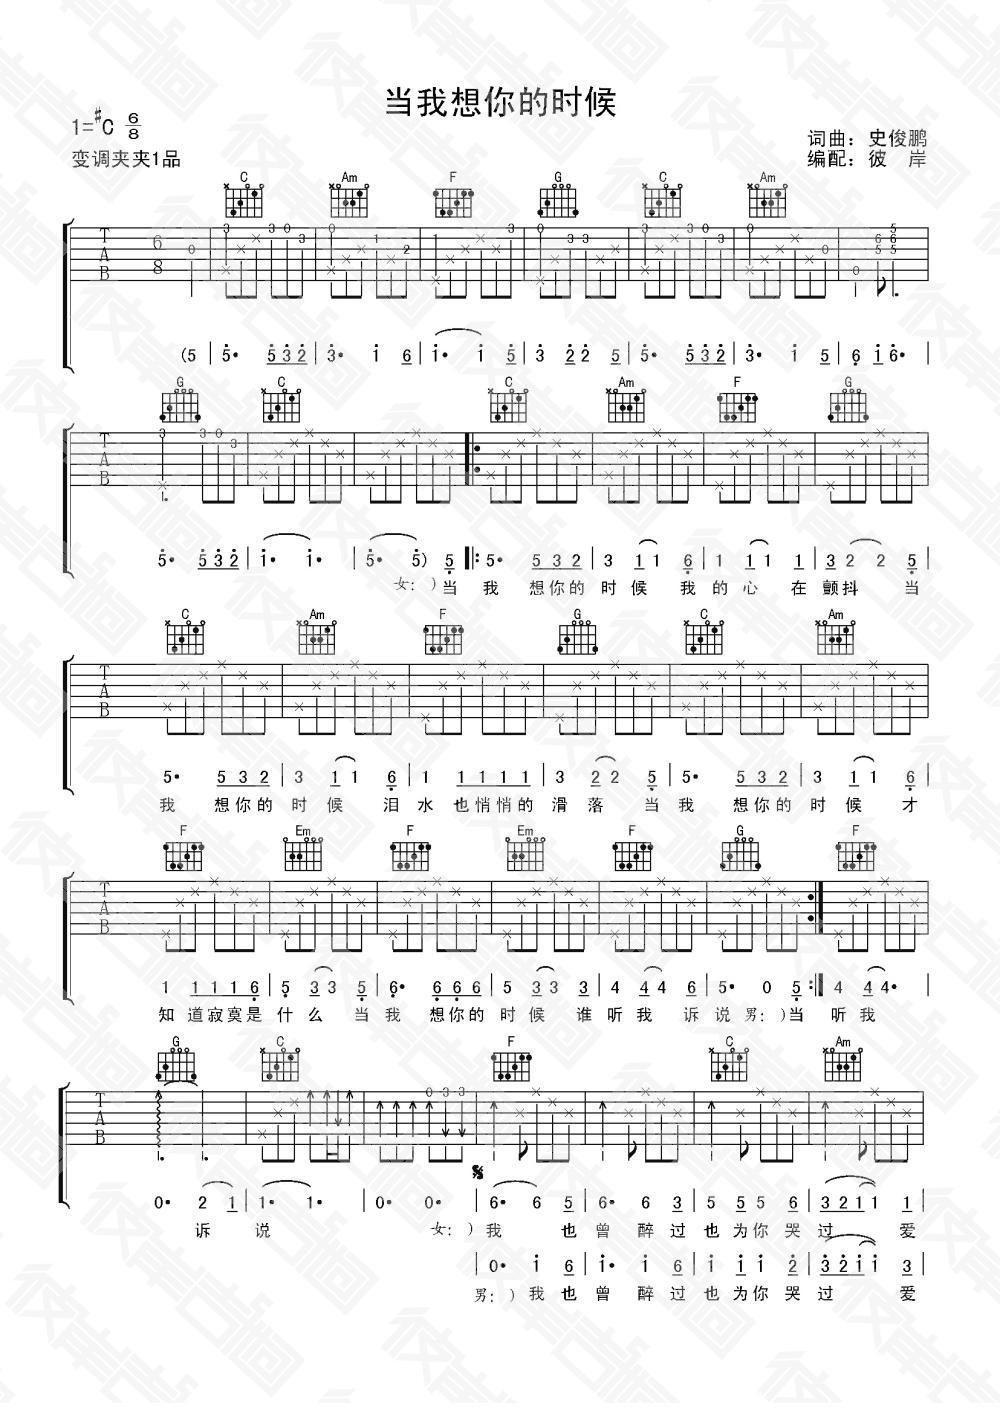 想你的时候的吉他谱 小代 彼岸吉他中国第一吉他网络杂志 BYGUITAR